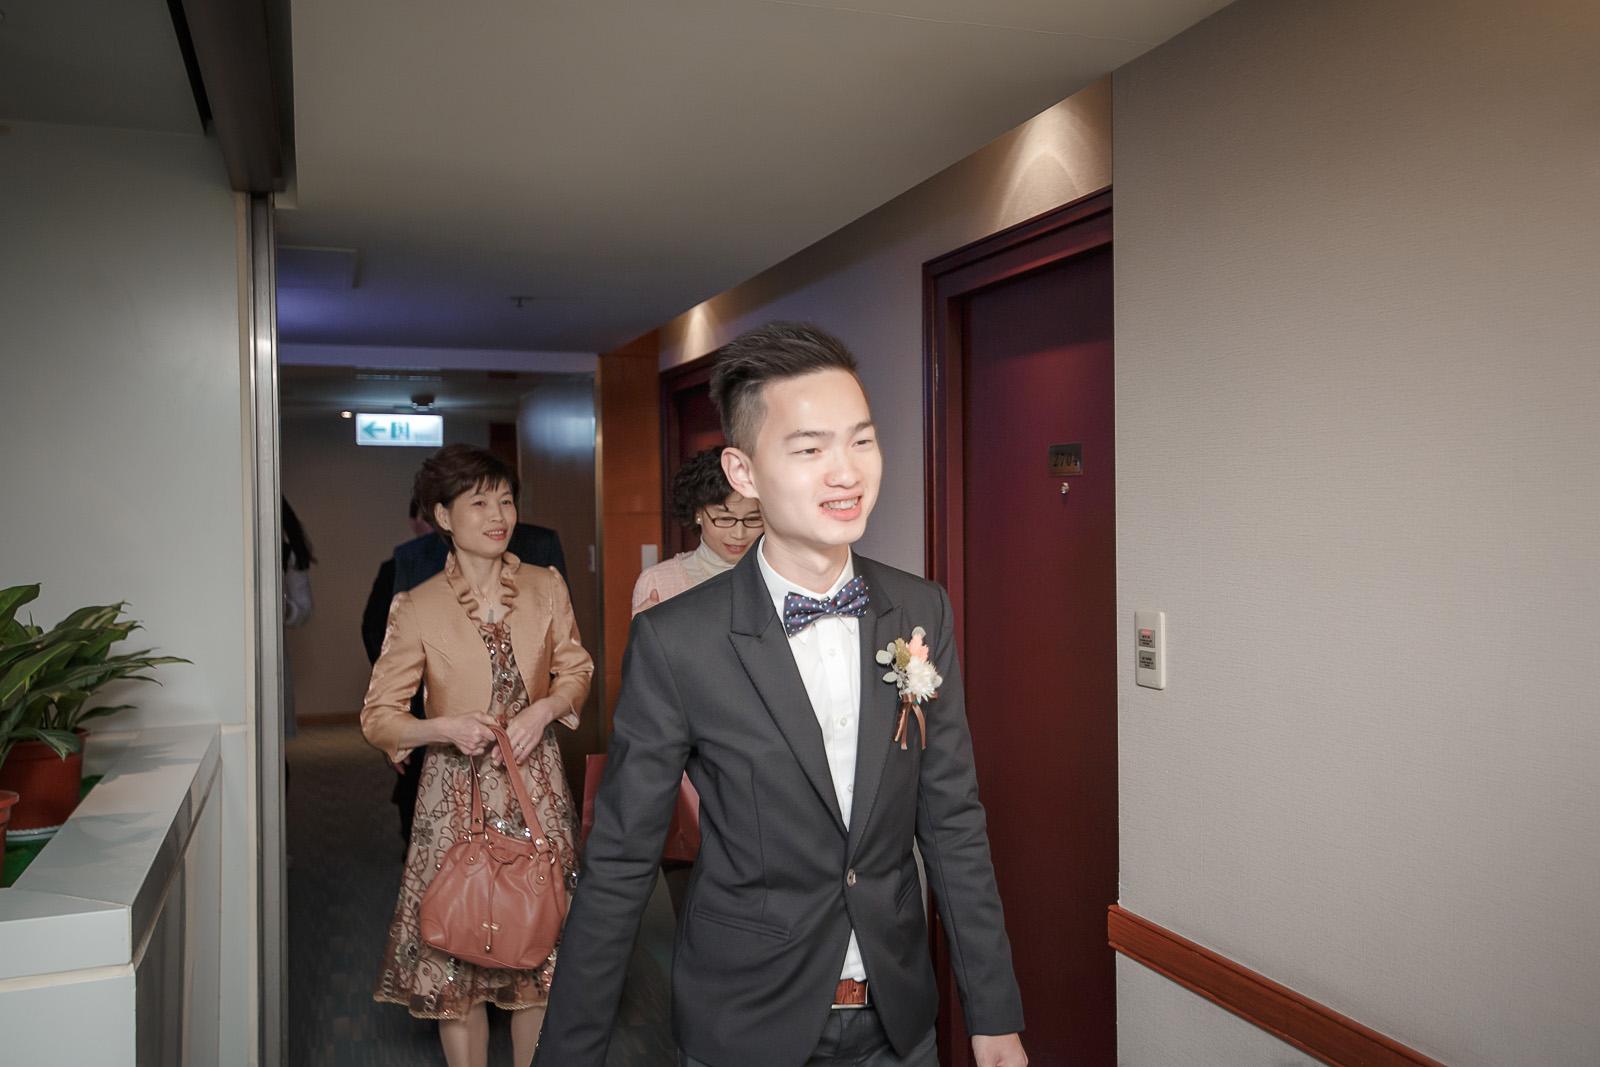 高雄圓山飯店,婚禮攝影,婚攝,高雄婚攝,優質婚攝推薦,Jen&Ethan-015